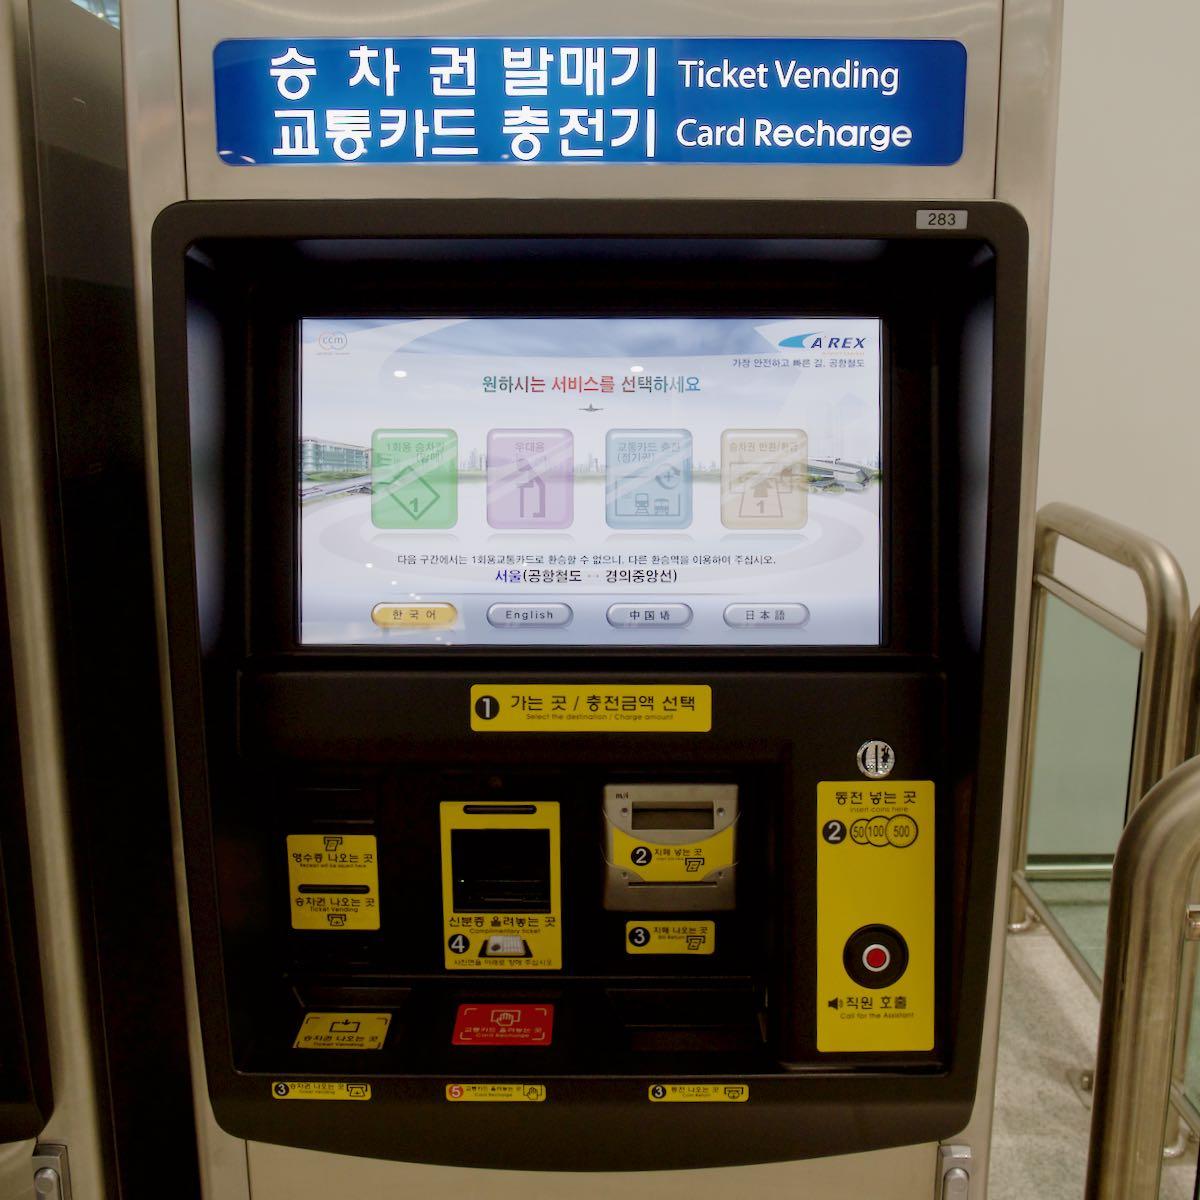 鉄道の券売機 DMC-GX8 + LEICA DG 12-60mm